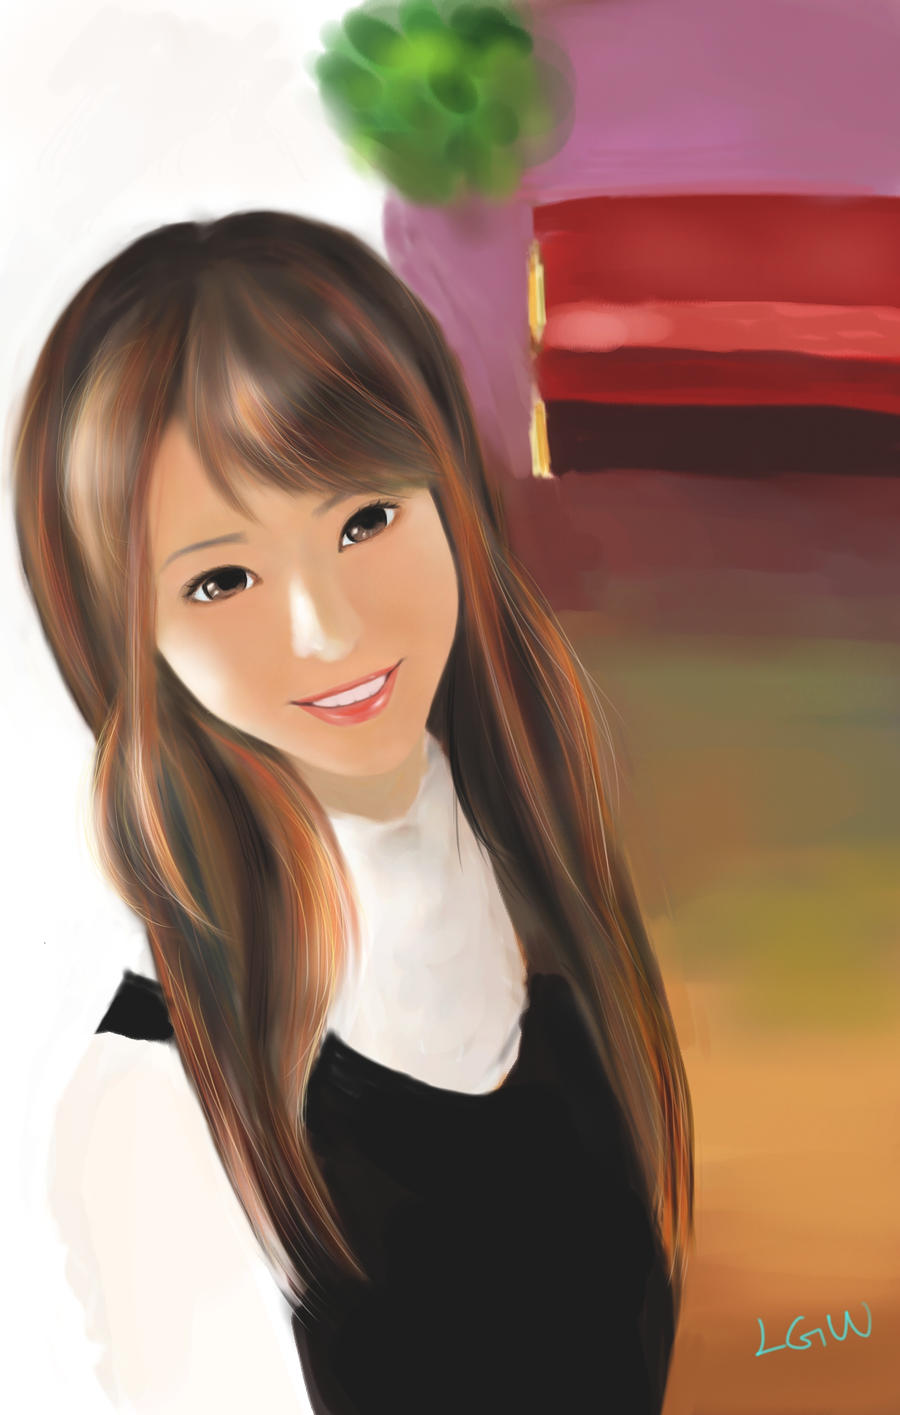 simple beauty by lvguowei